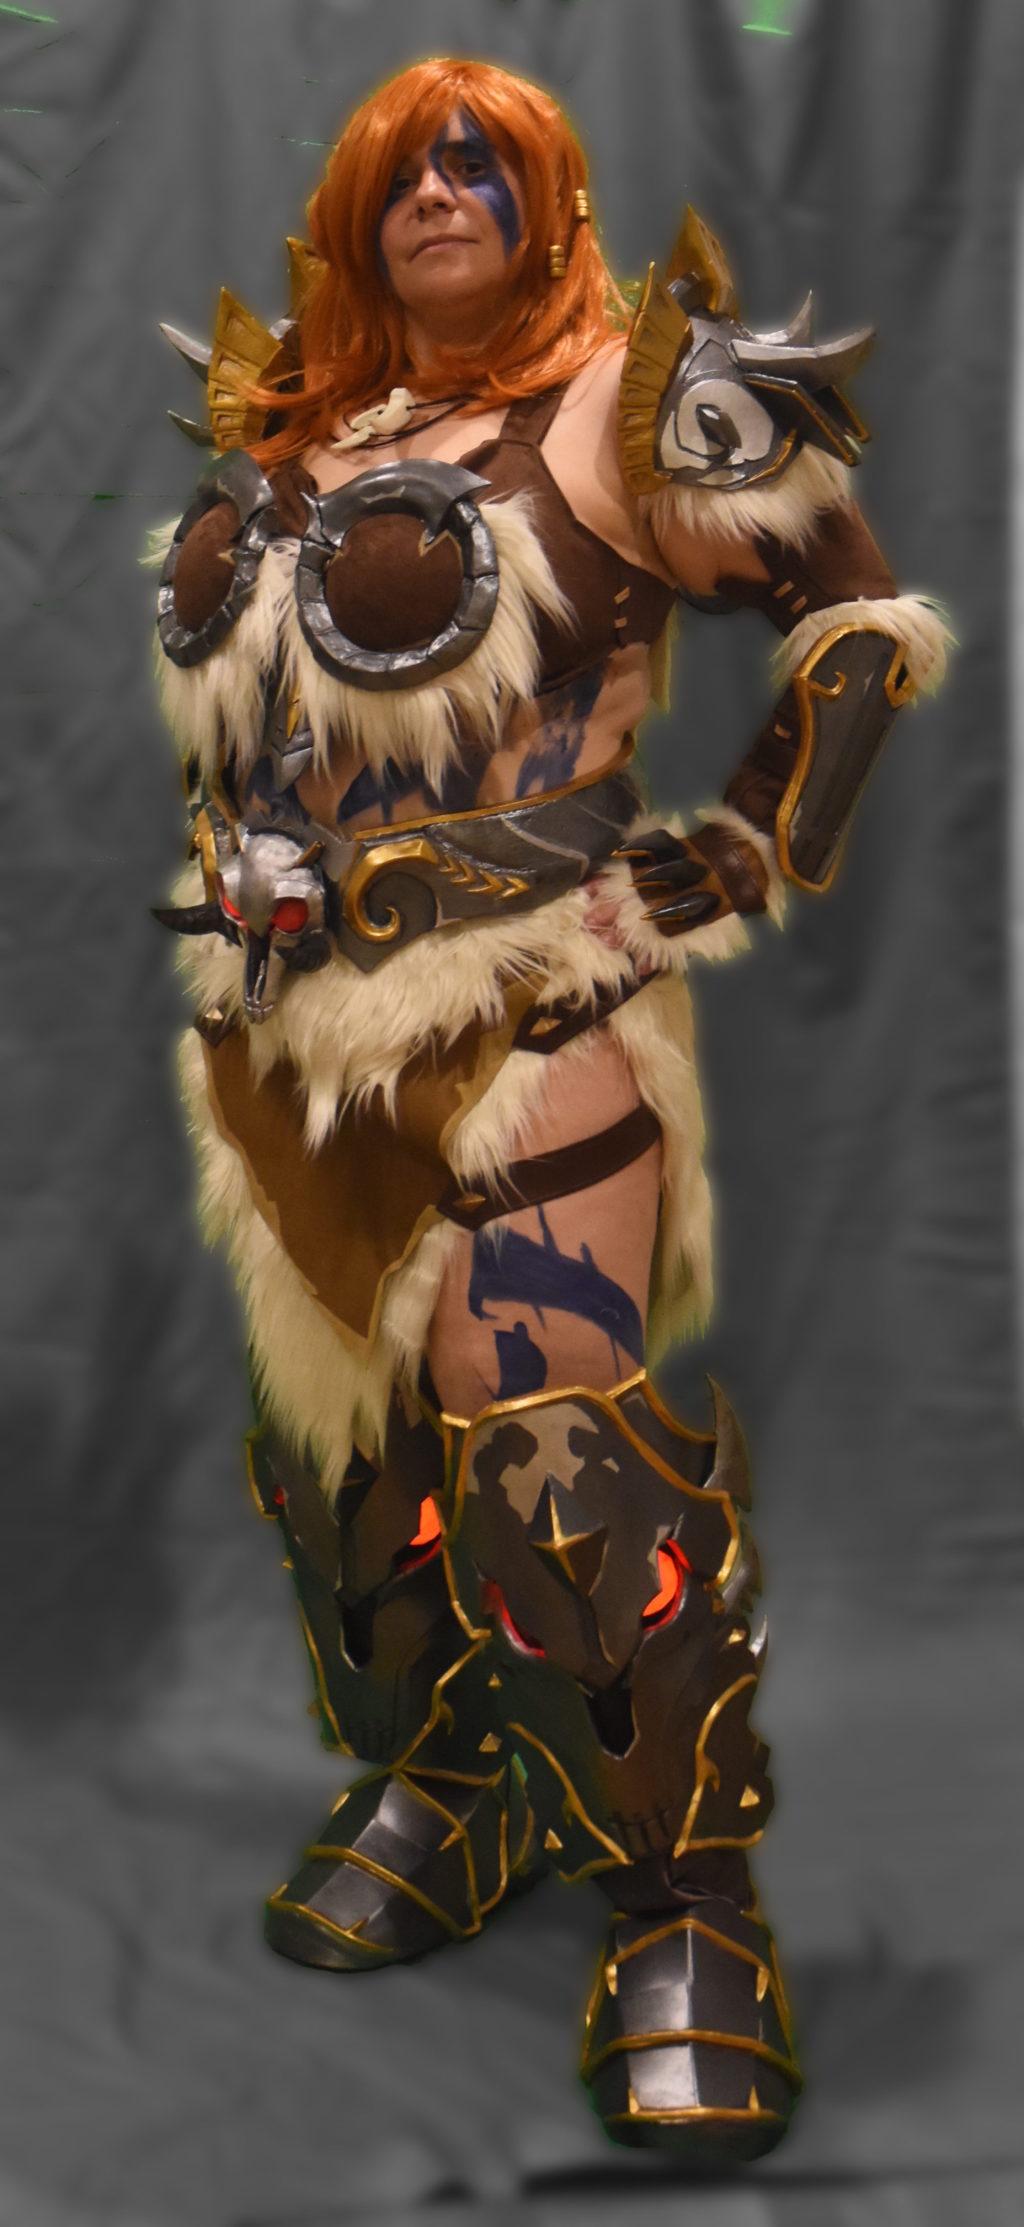 Barbarian Zarya from Overwatch